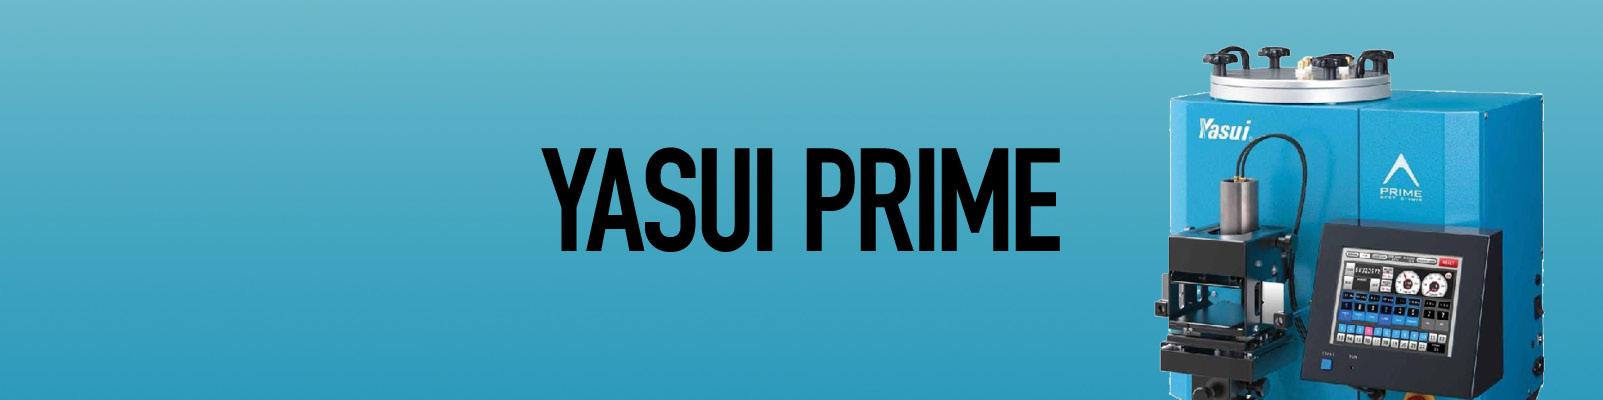 Yasui Prime